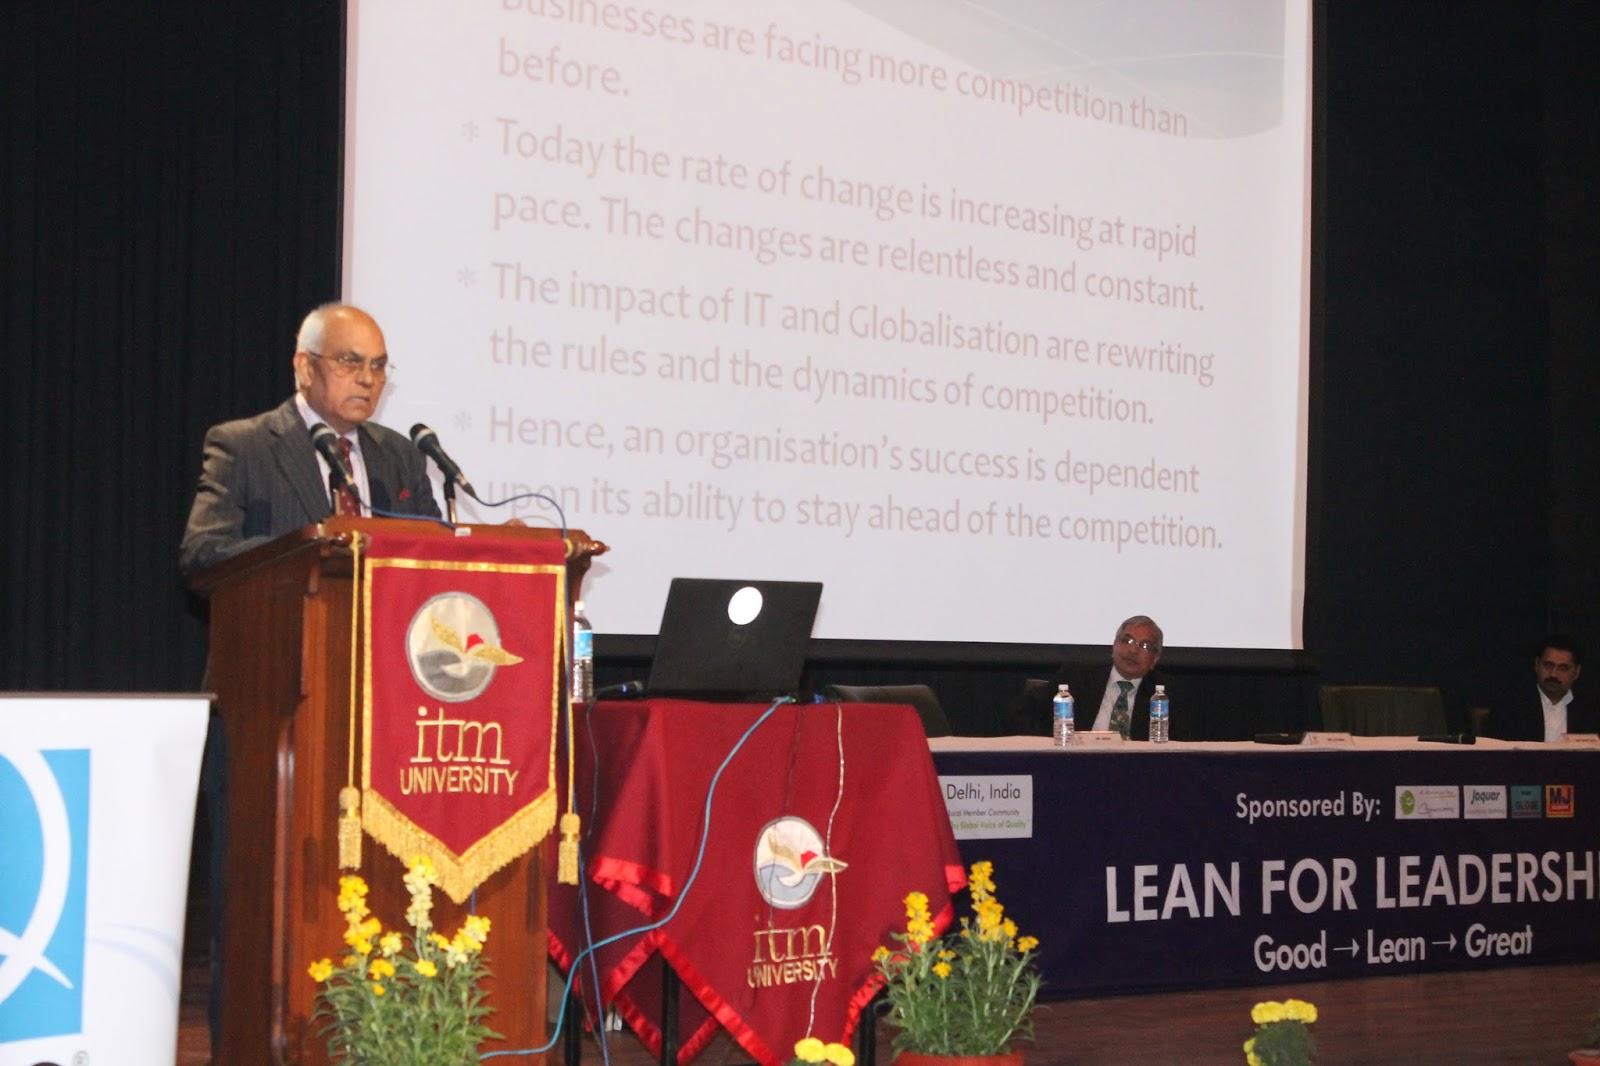 ITM University hosts 'Lean for Leadership' Workshop